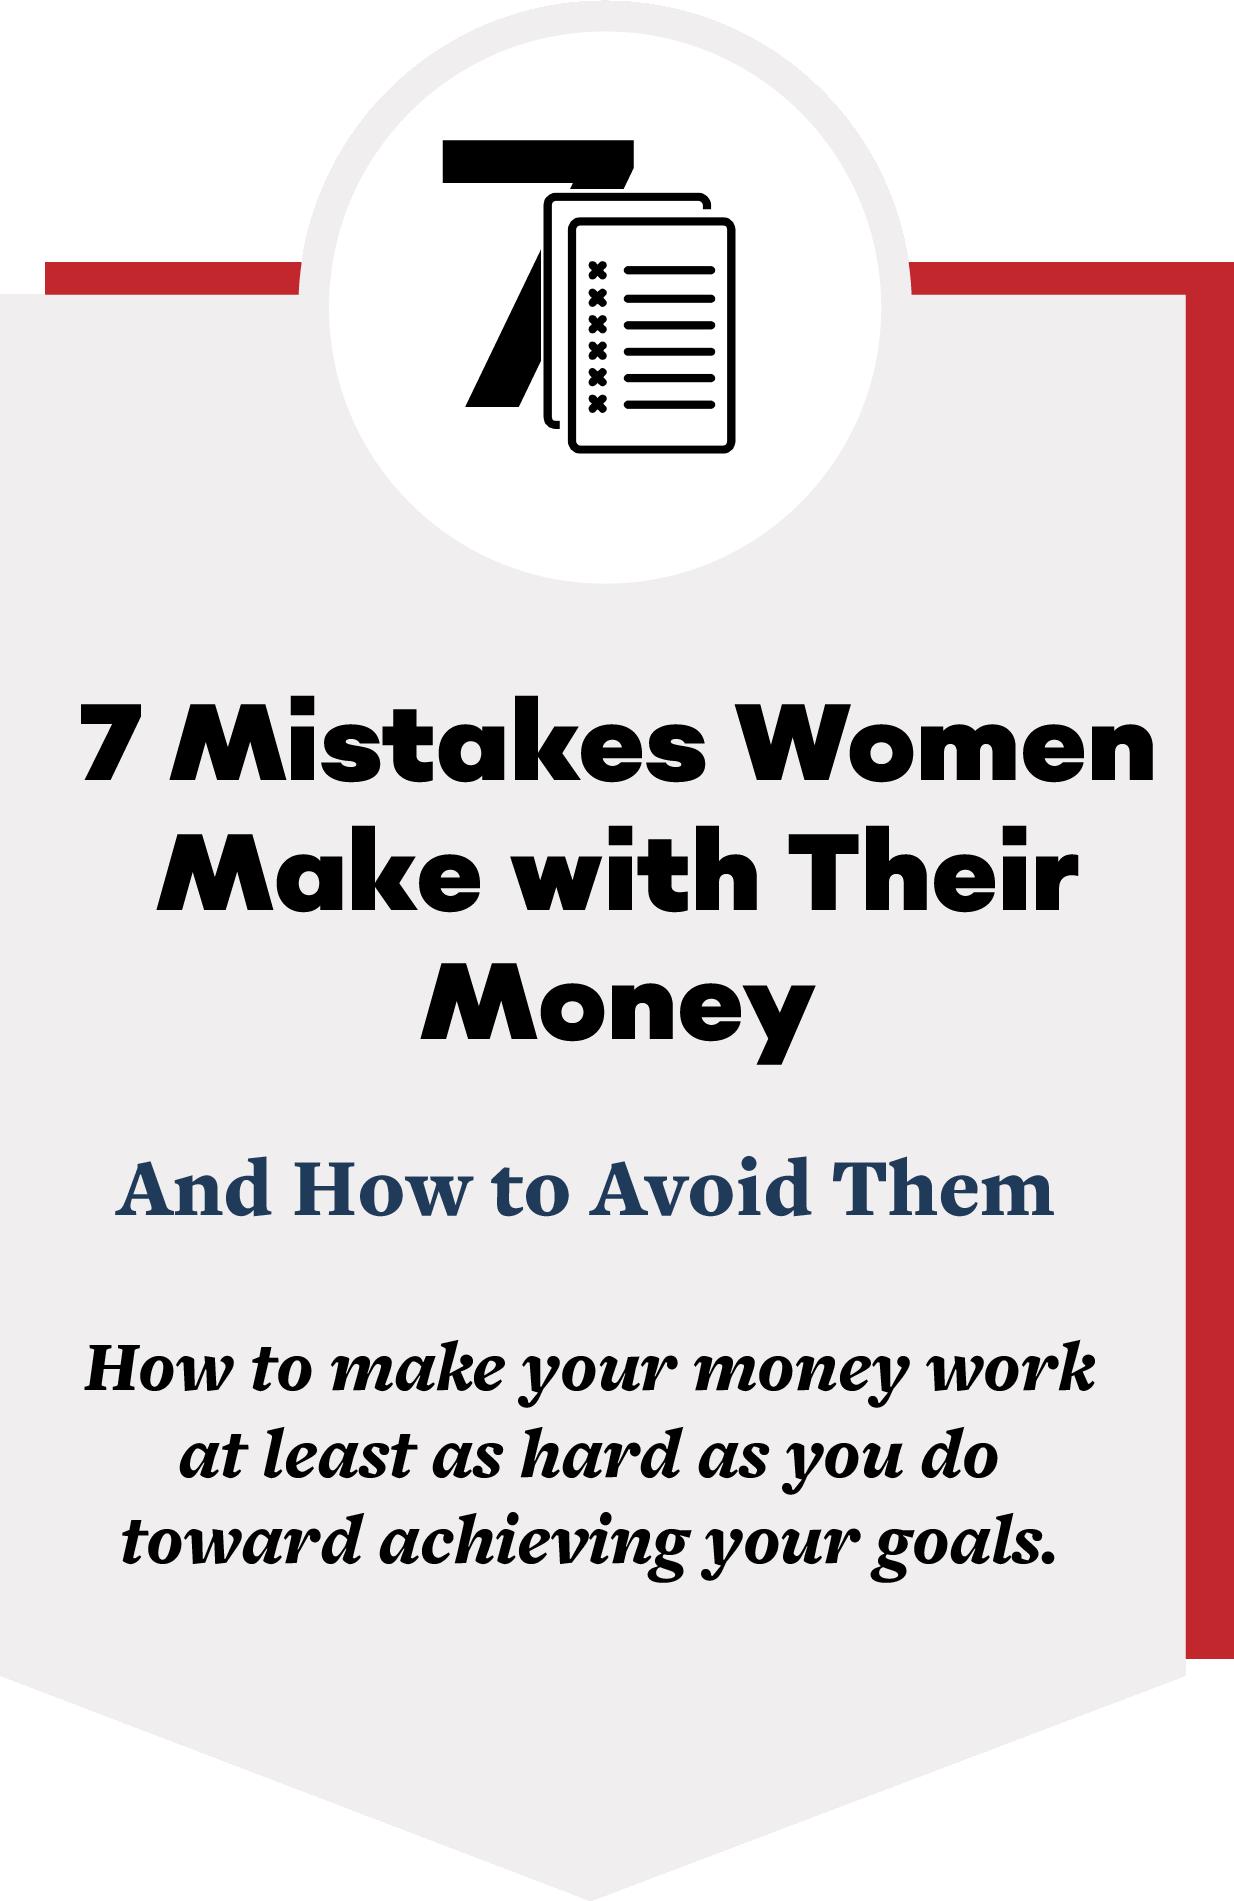 Invite Obu Ramaraj to speak on Money Mindset - 7 mistakes women make with their money